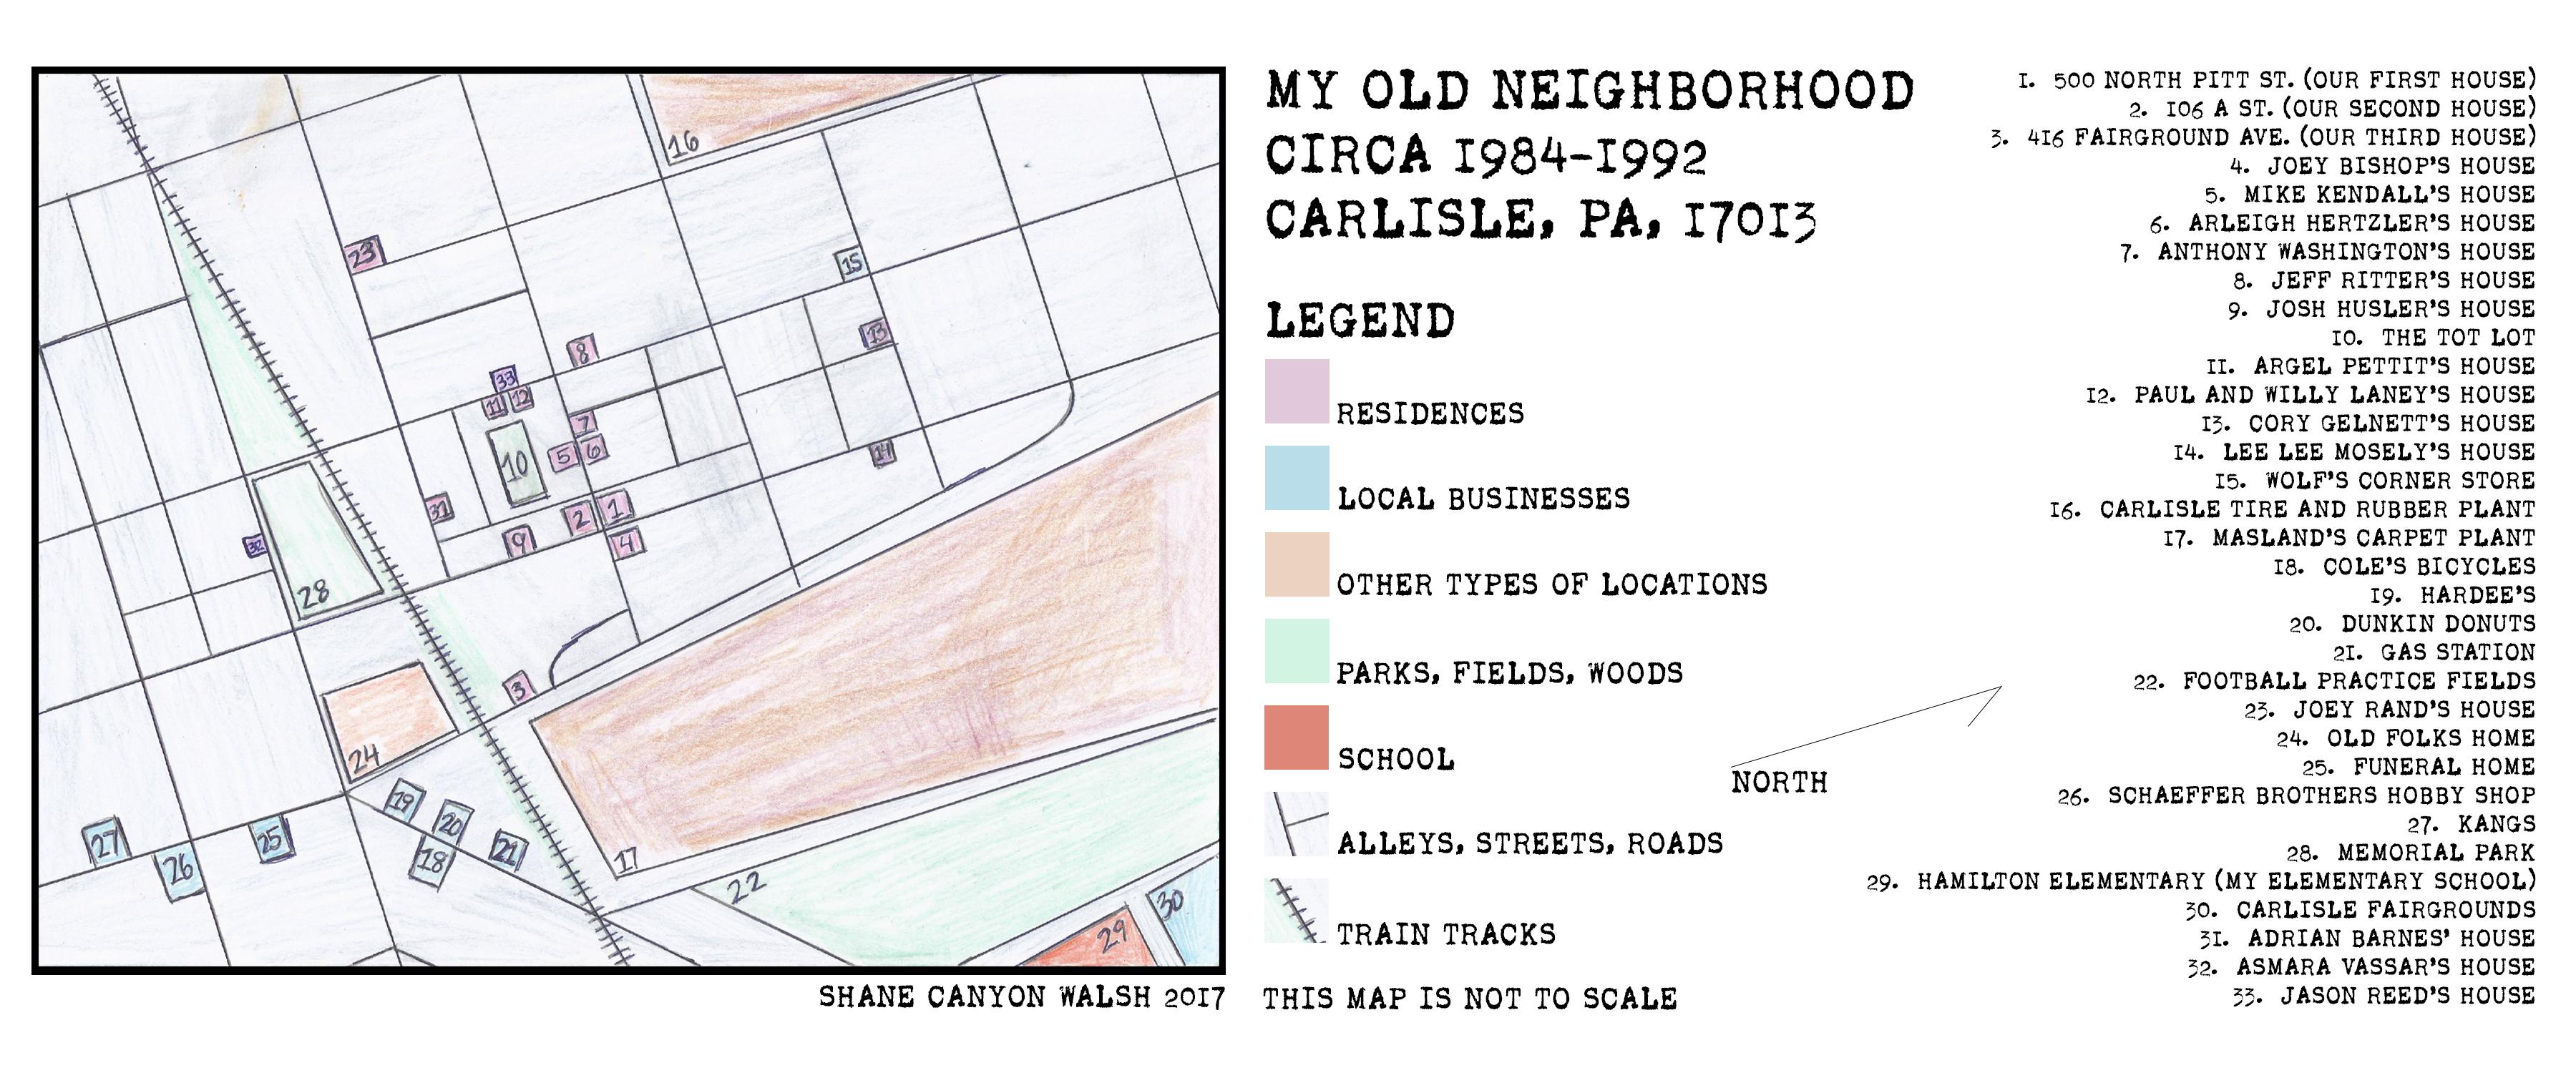 my old neighborhood